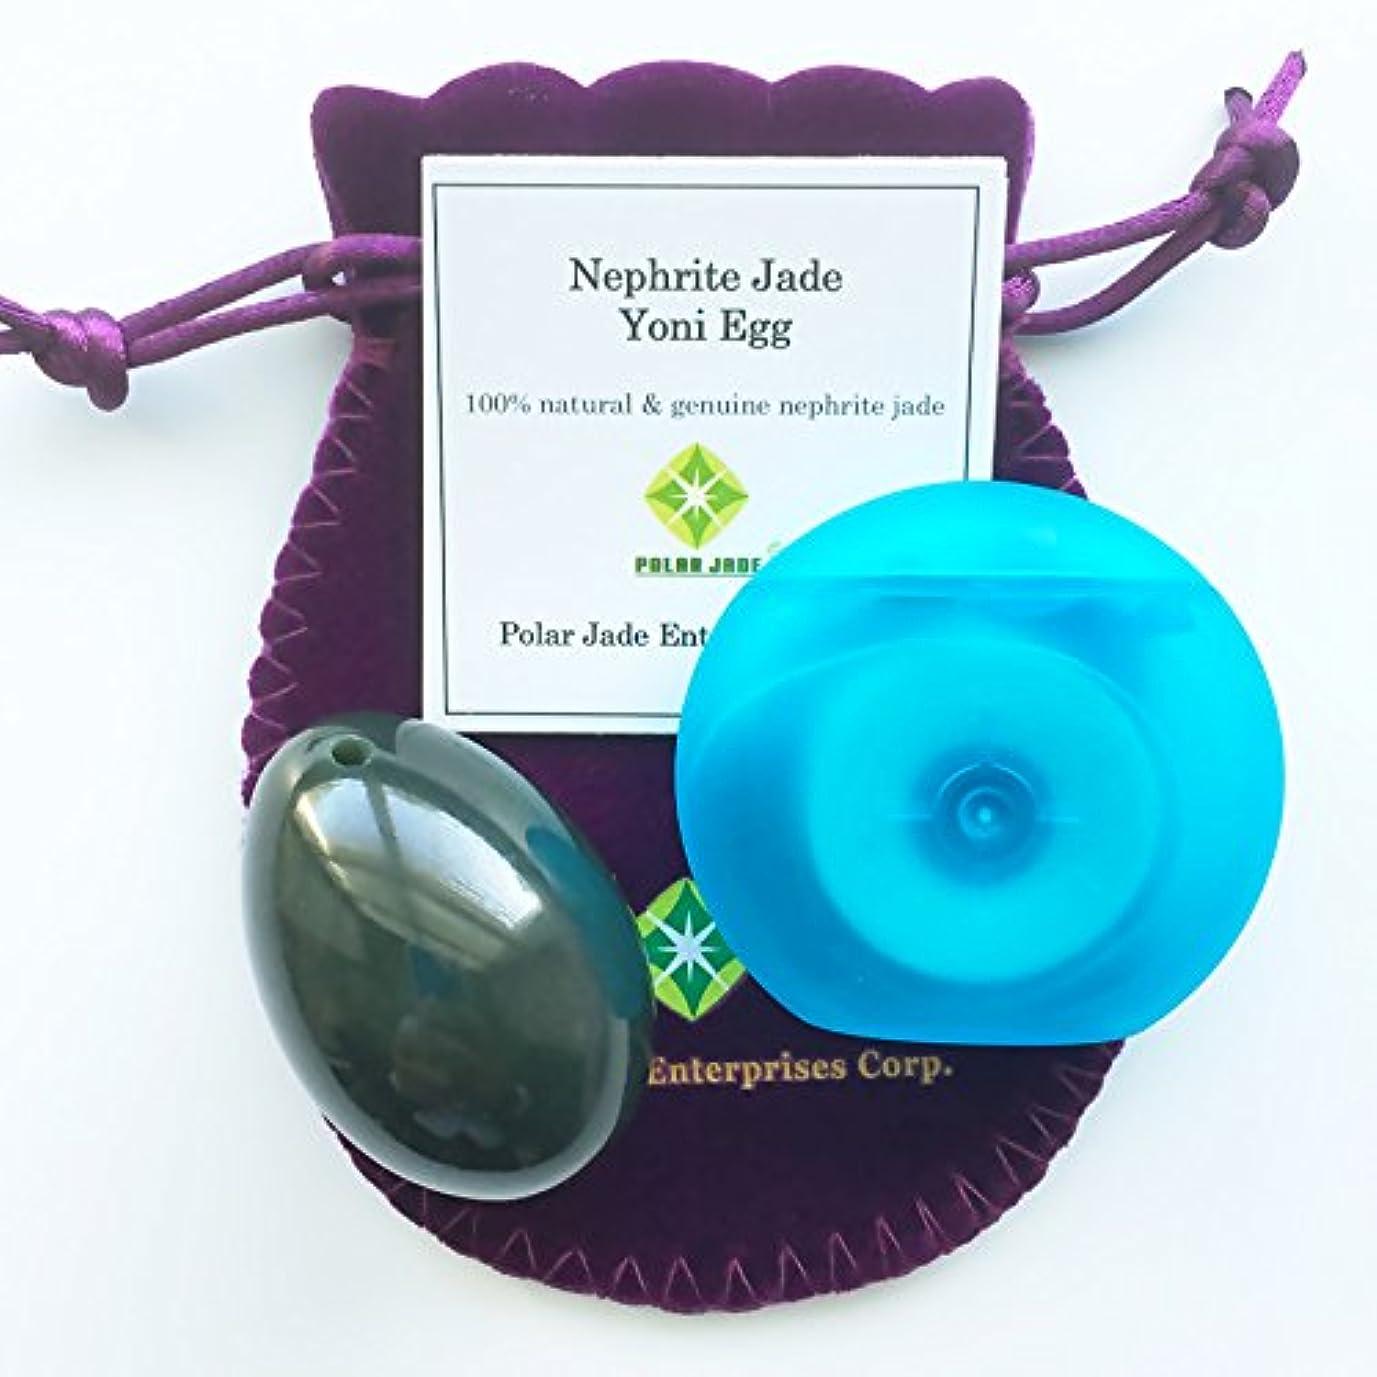 応じる中止します脆いネフライト翡翠卵(ジェイドエッグ)、紐穴あり、ワックス加工のされていないデンタルフロス一箱同梱、品質証明書及びエッグ?エクササイズの使用説明書(英語)付き、パワーストーンとしても好適 (Nephrite Jade Egg...